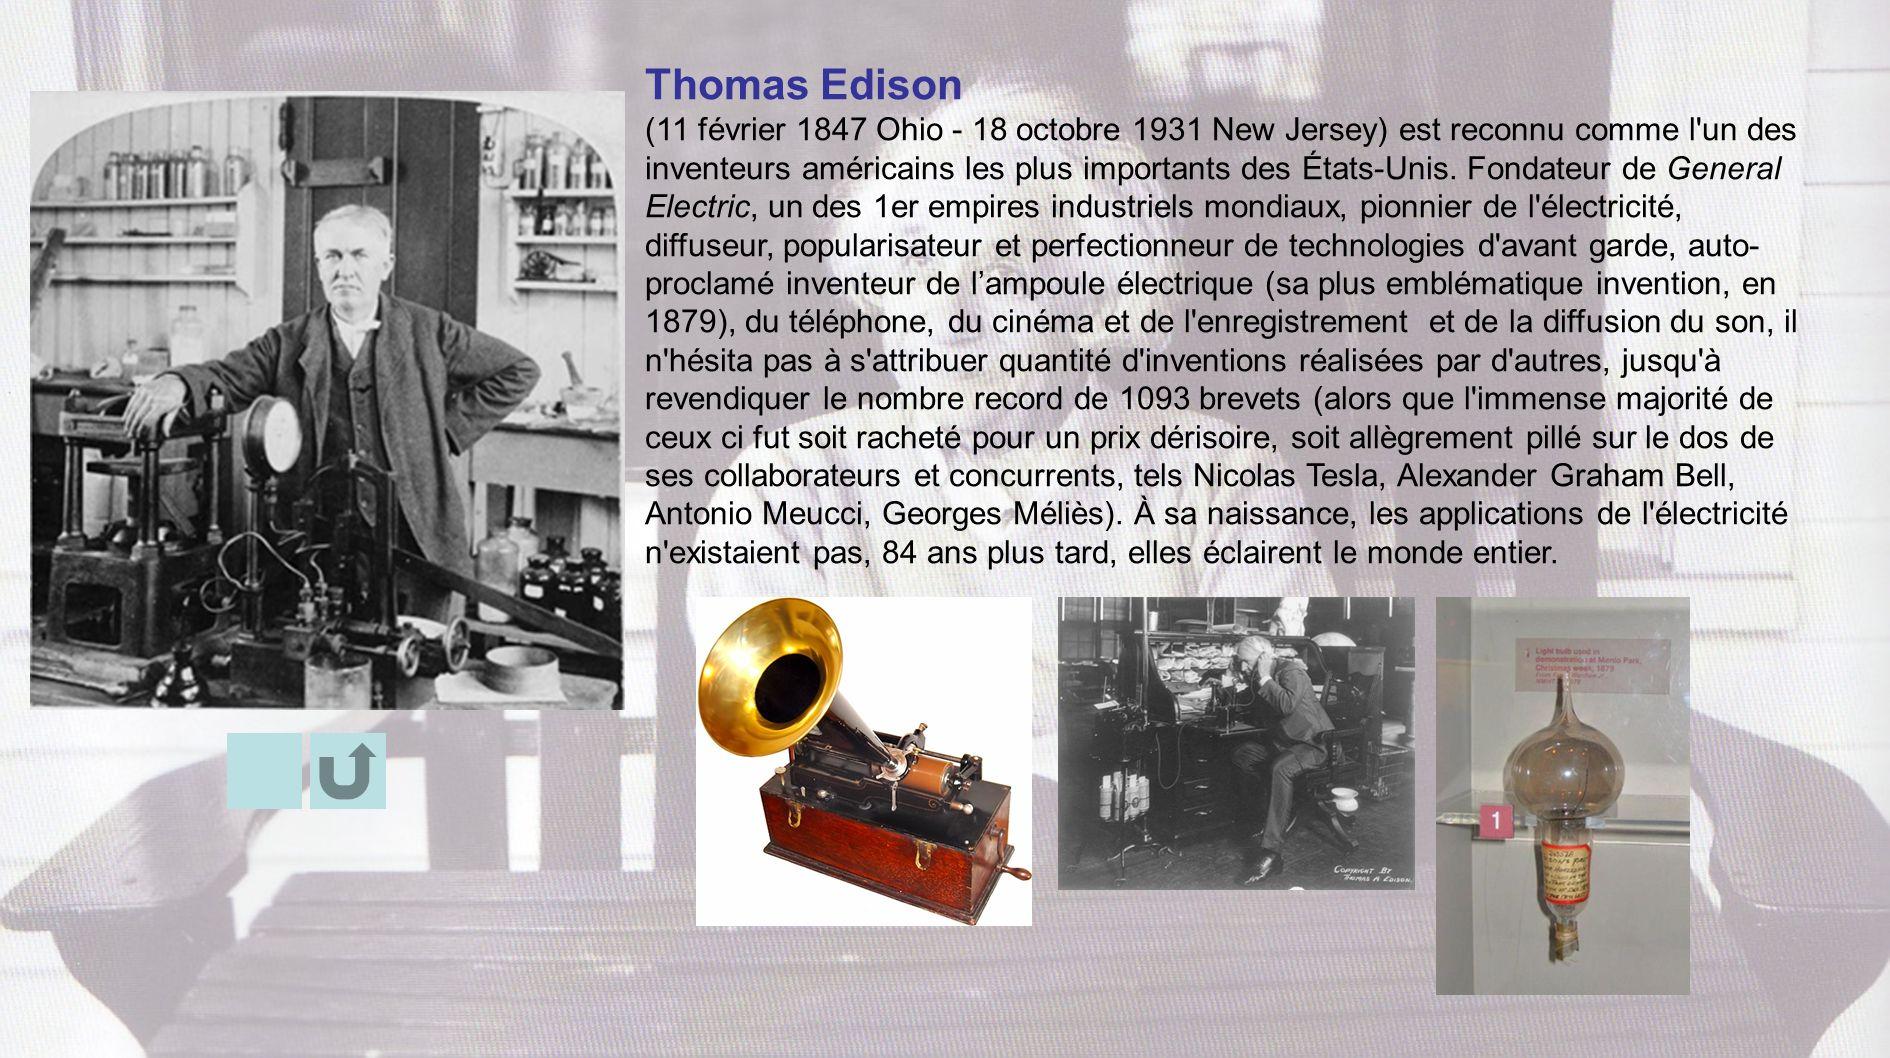 Thomas Edison (11 février 1847 Ohio - 18 octobre 1931 New Jersey) est reconnu comme l'un des inventeurs américains les plus importants des États-Unis.